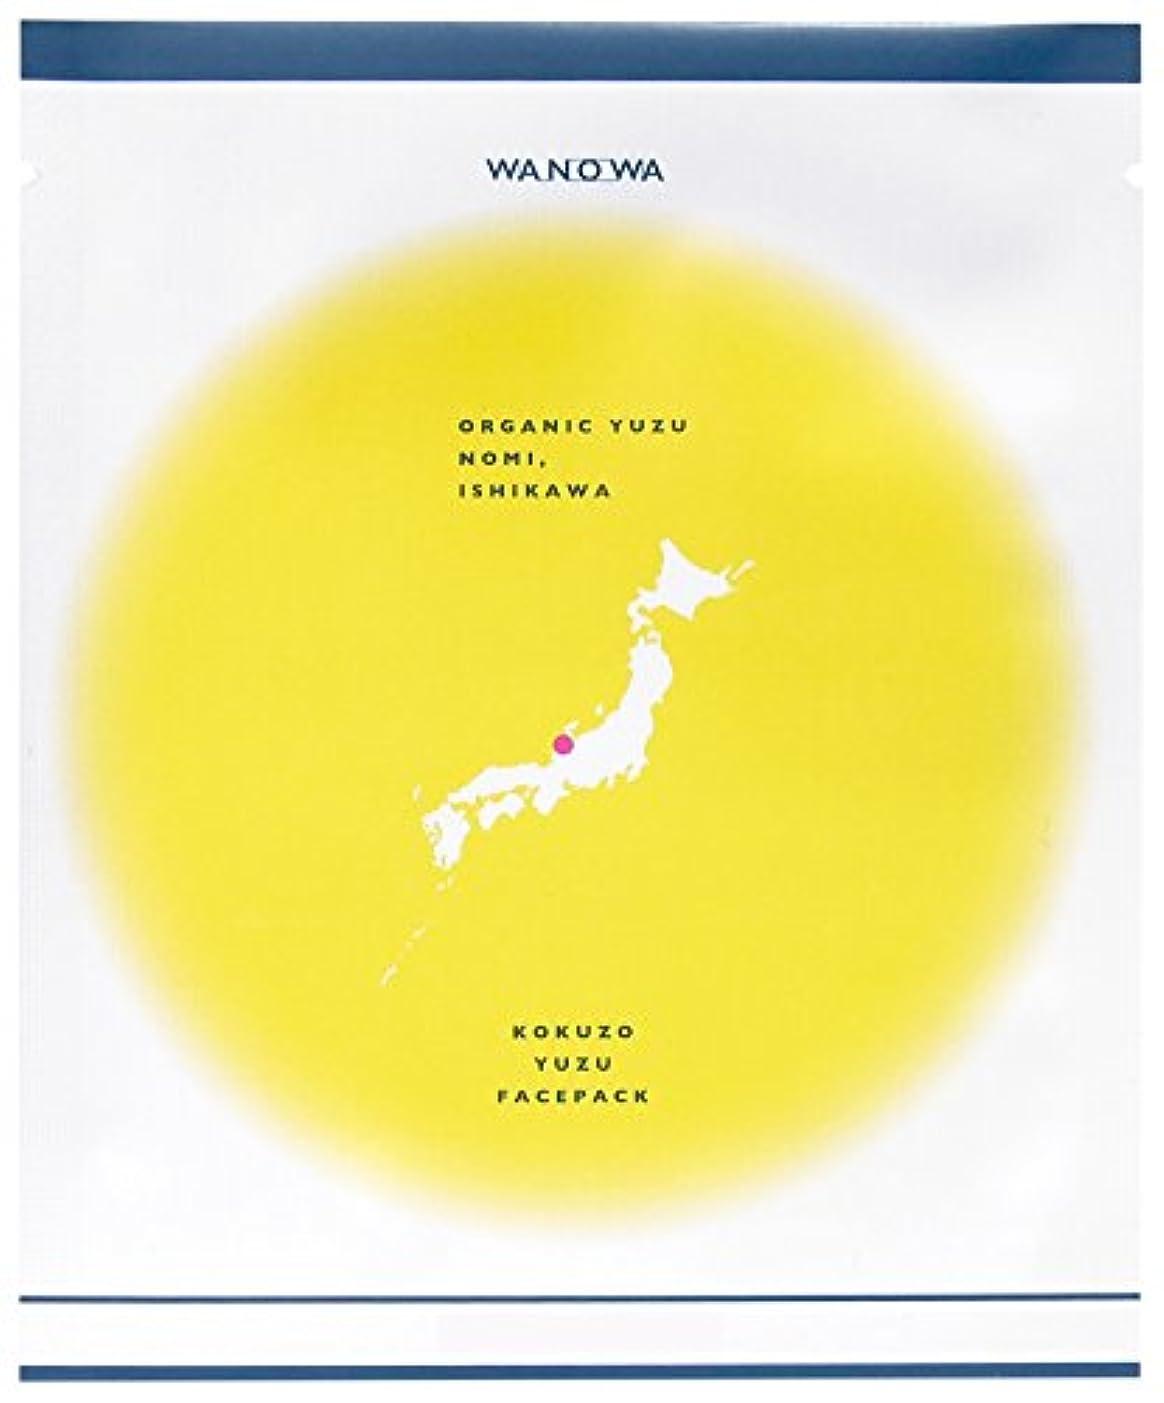 砂利小人協力的WANOWA オーガニック 国造ゆず フェイスパック Organic KOKUZO YUZU Face Pack ワノワ 和の環